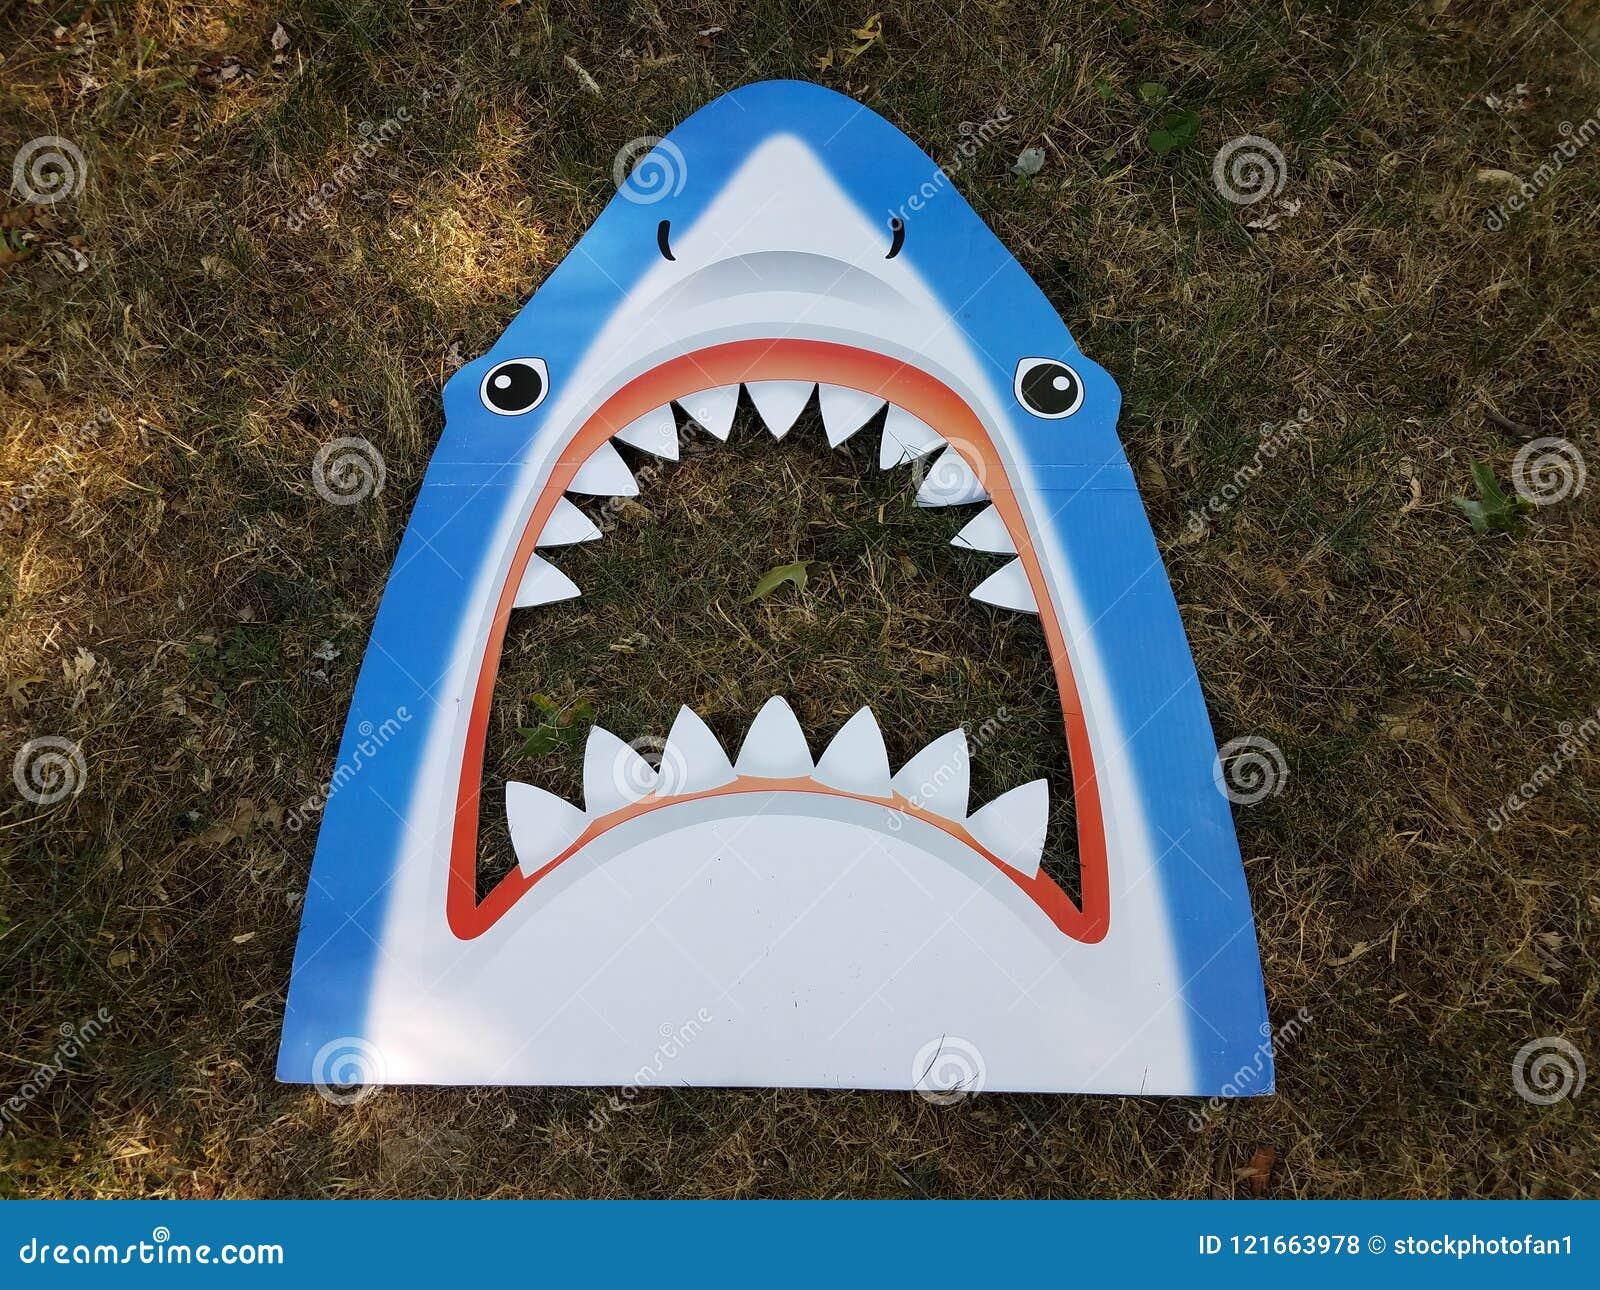 Blue shark head with teeth on grass